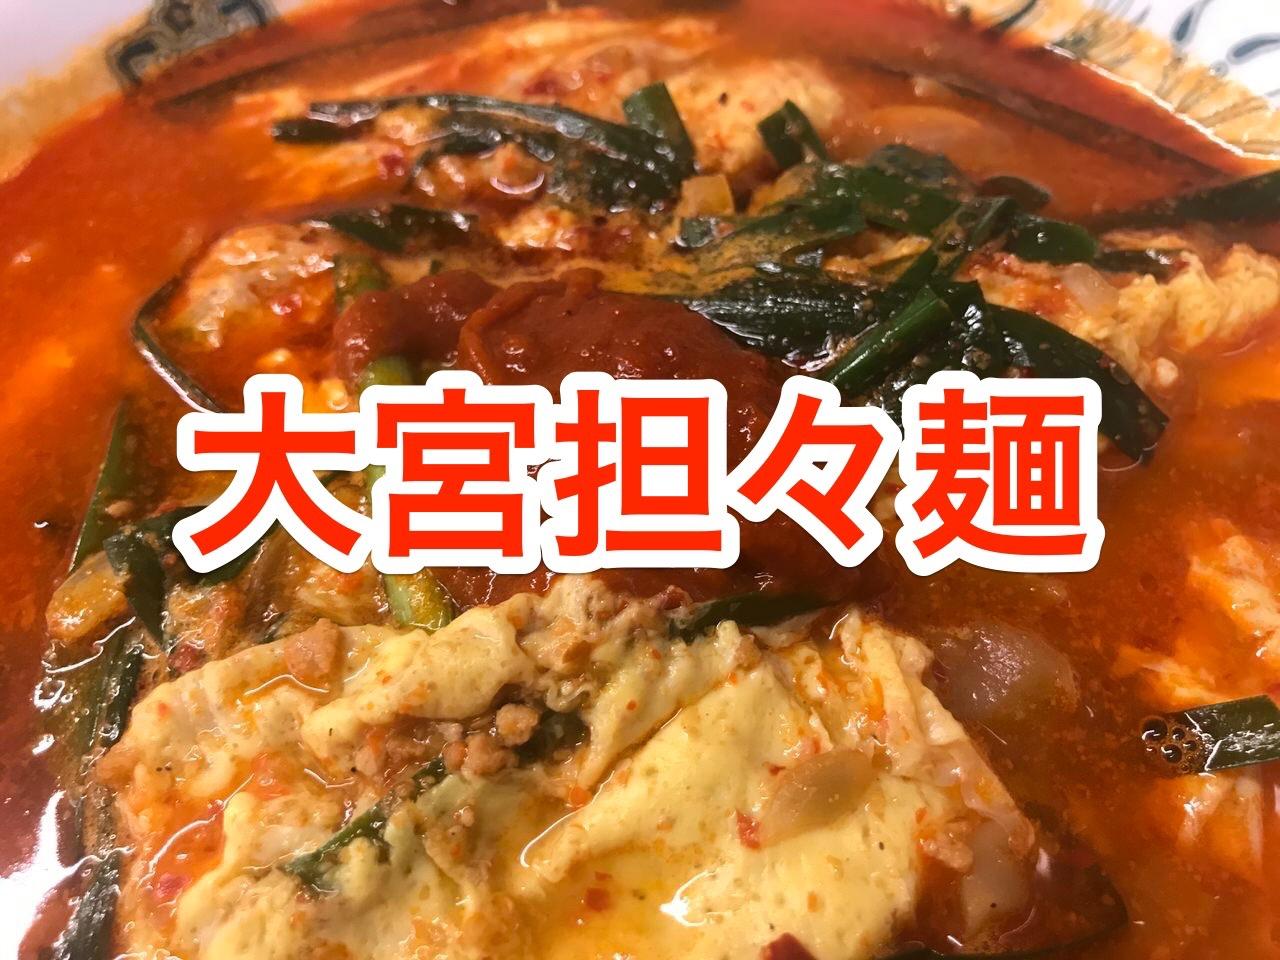 【日高屋】チゲ味噌ラーメンの後継者「大宮担々麺」は辛めがオススメ